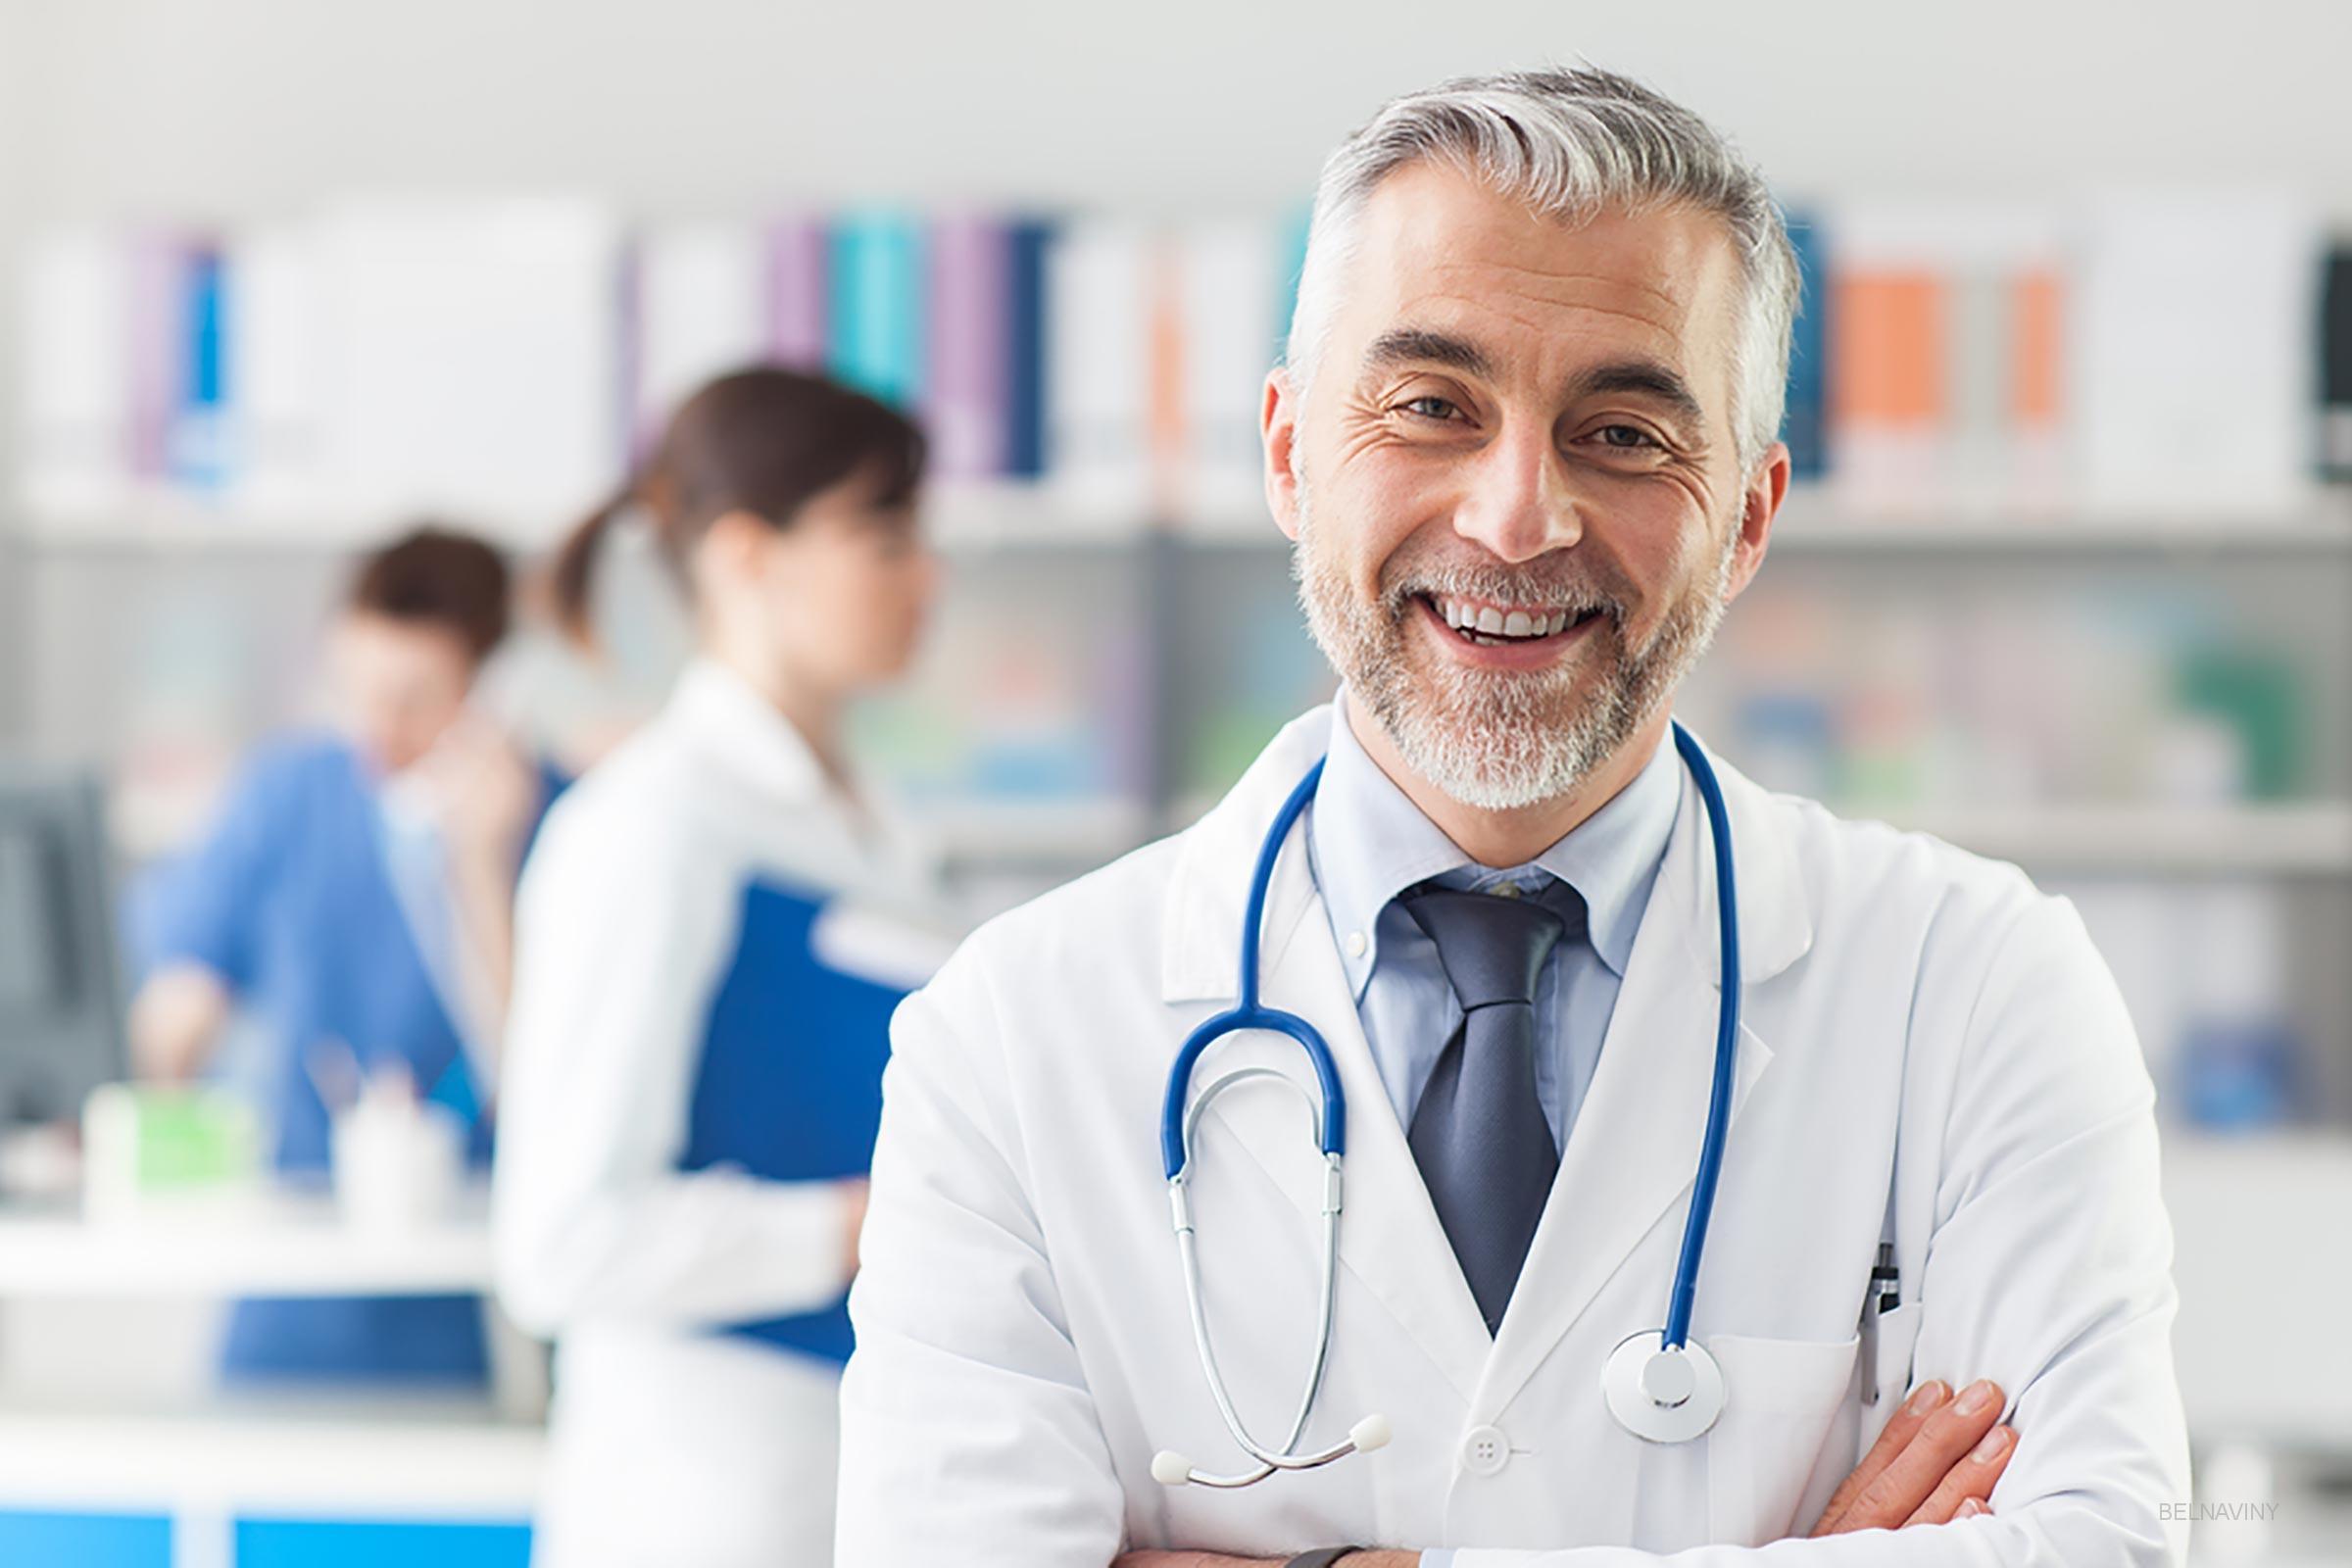 Лечение строго контролируется врачом